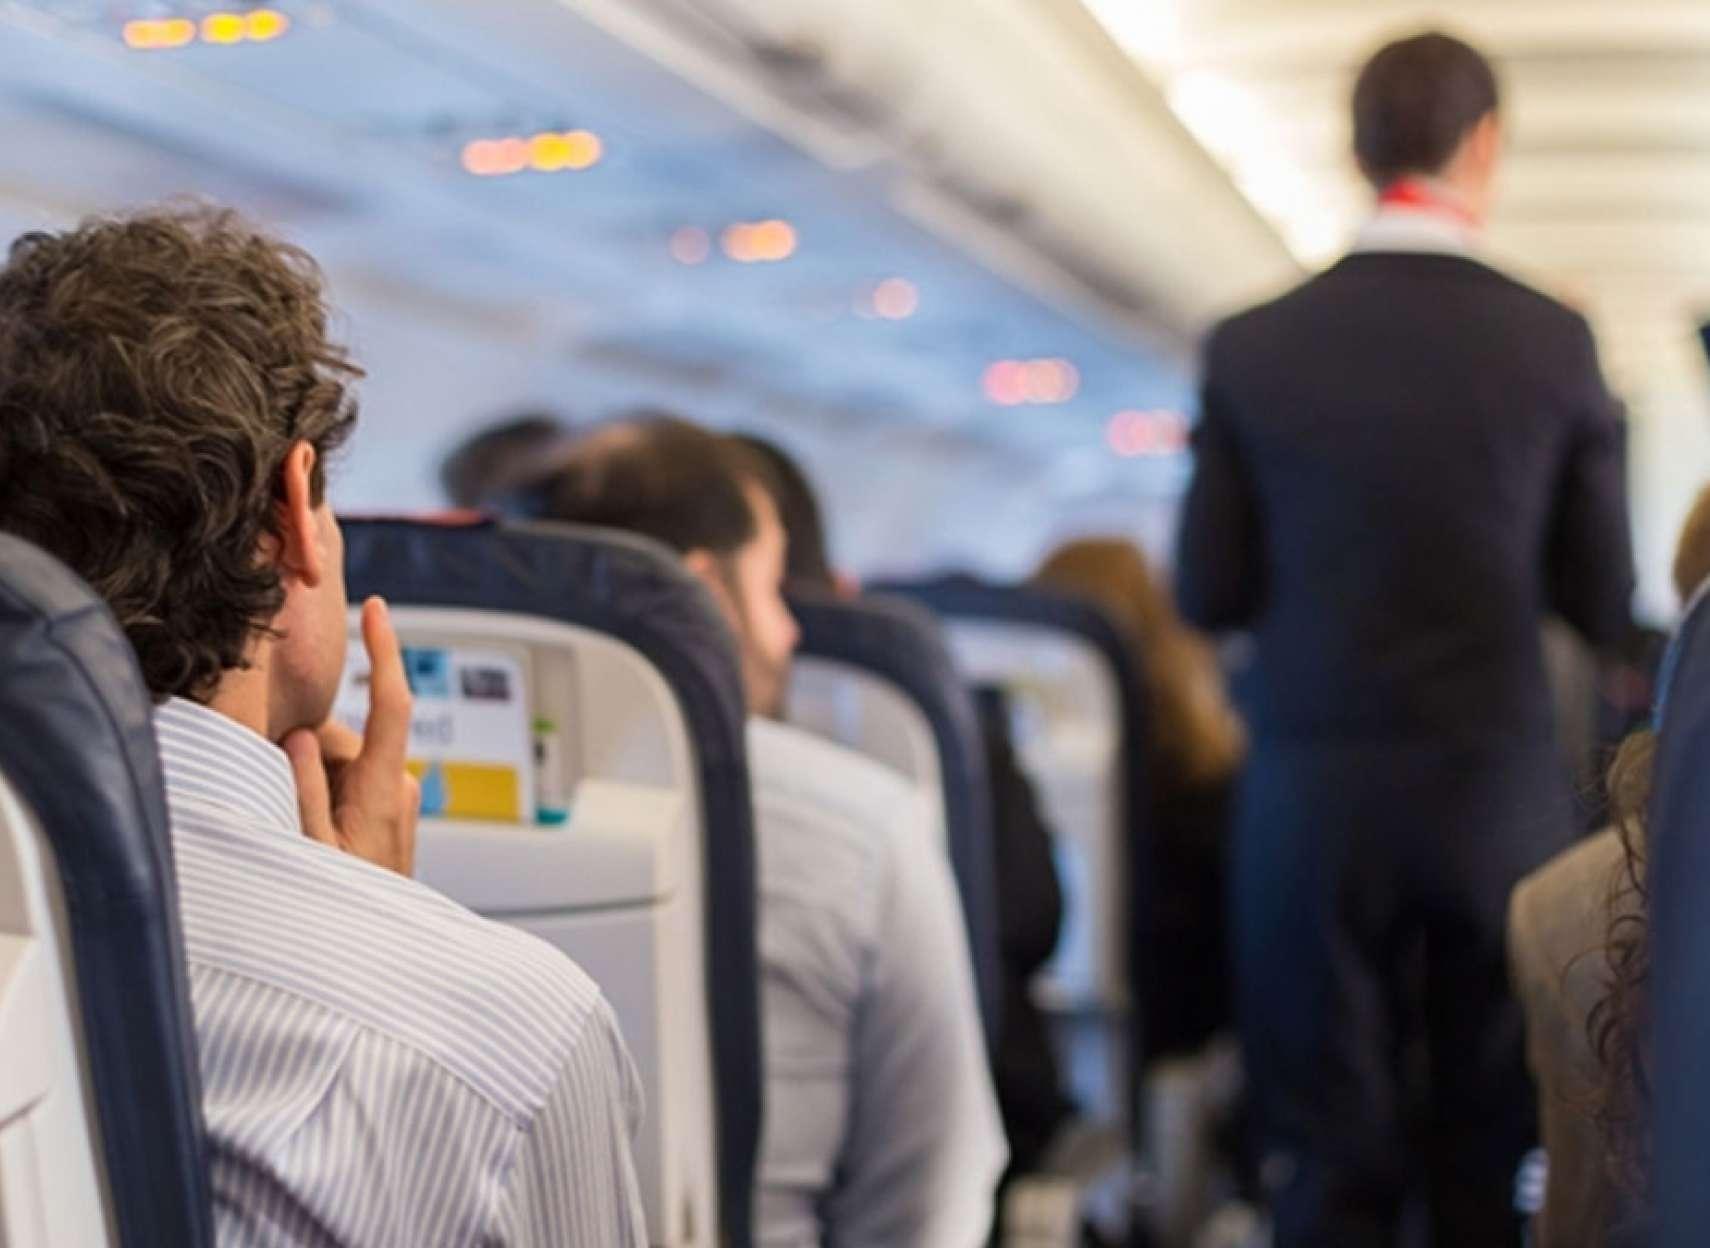 اخبار-کانادا-مسافران-۳۱-پرواز-ده-روز-اول-جولای-کانادا-ممکن-است-در-معرض-کرونا-بوده-باشند